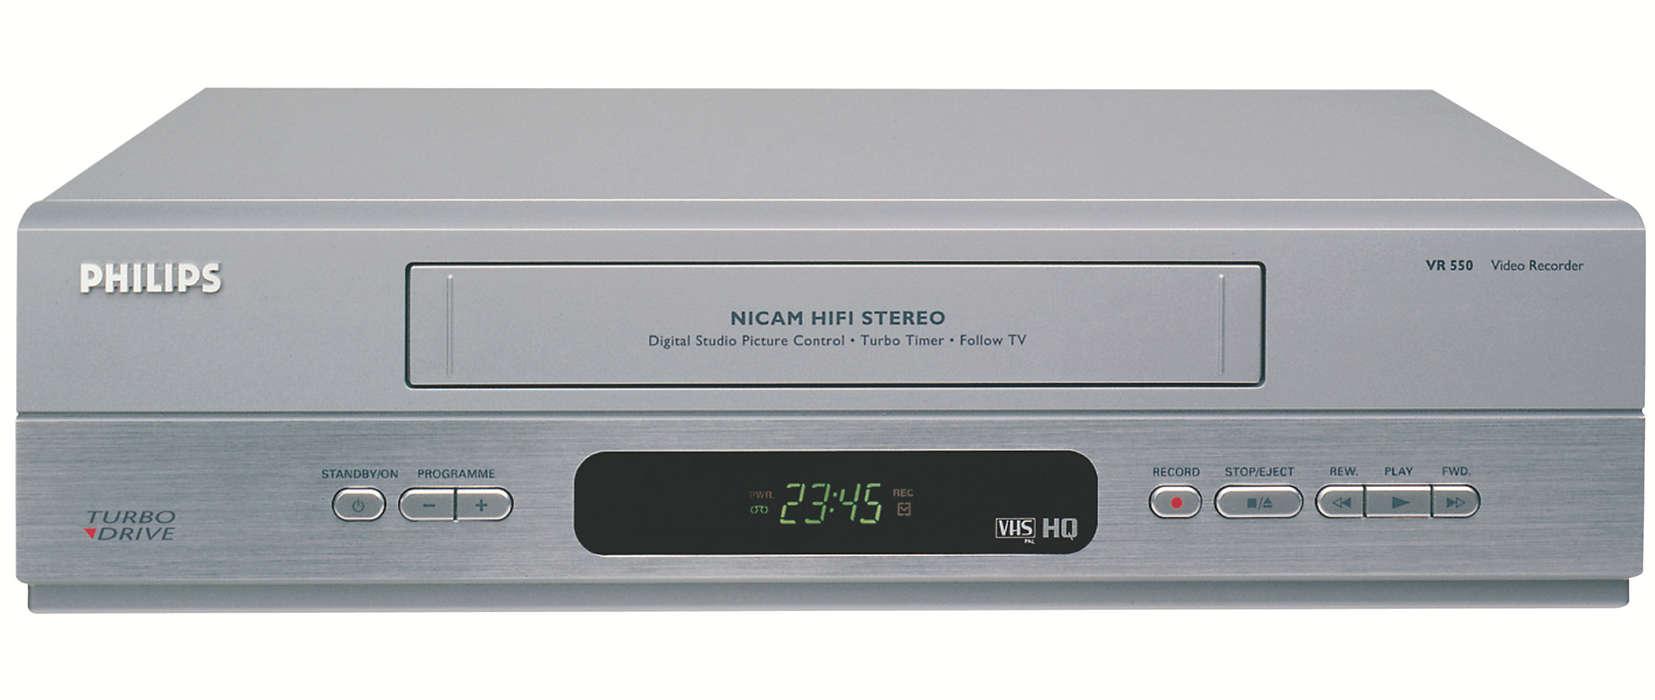 Adicionar a dimensão Hi-Fi às suas gravações